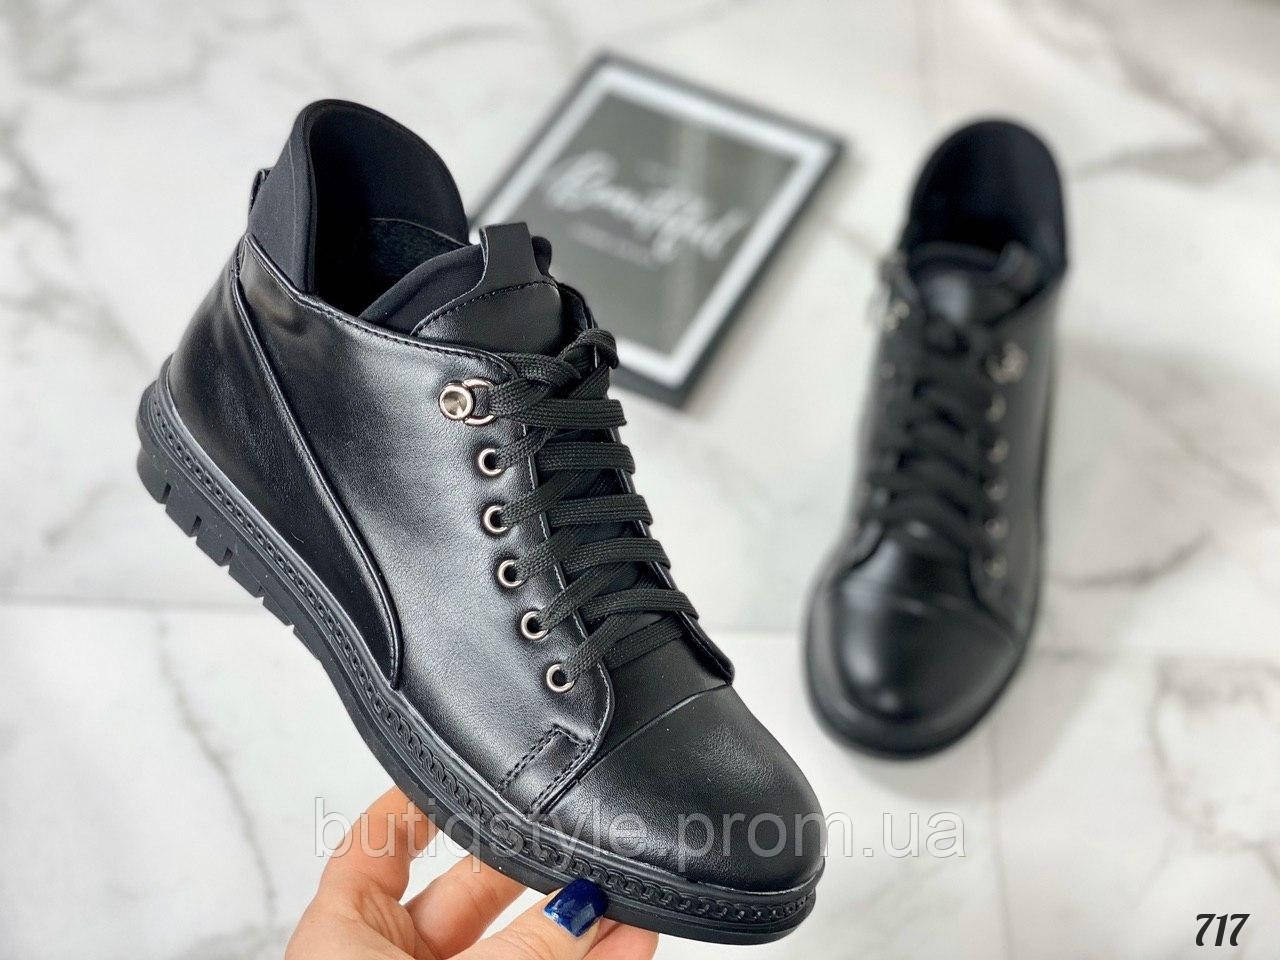 Женские черные ботинки эко-кожа на шнуровке Деми